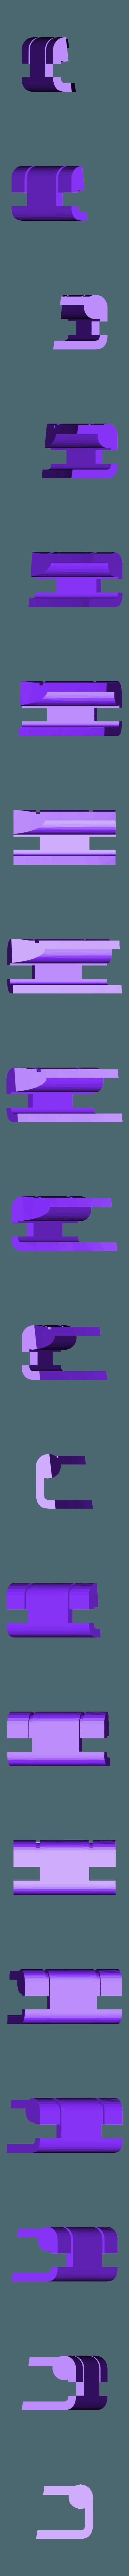 Hinge_FrontDoorLeft.stl Descargar archivo STL CHEVY VAN G20 RC BODY SCALER AXIAL MST TRX4 RC4WD • Modelo para imprimir en 3D, ilyakapitonov